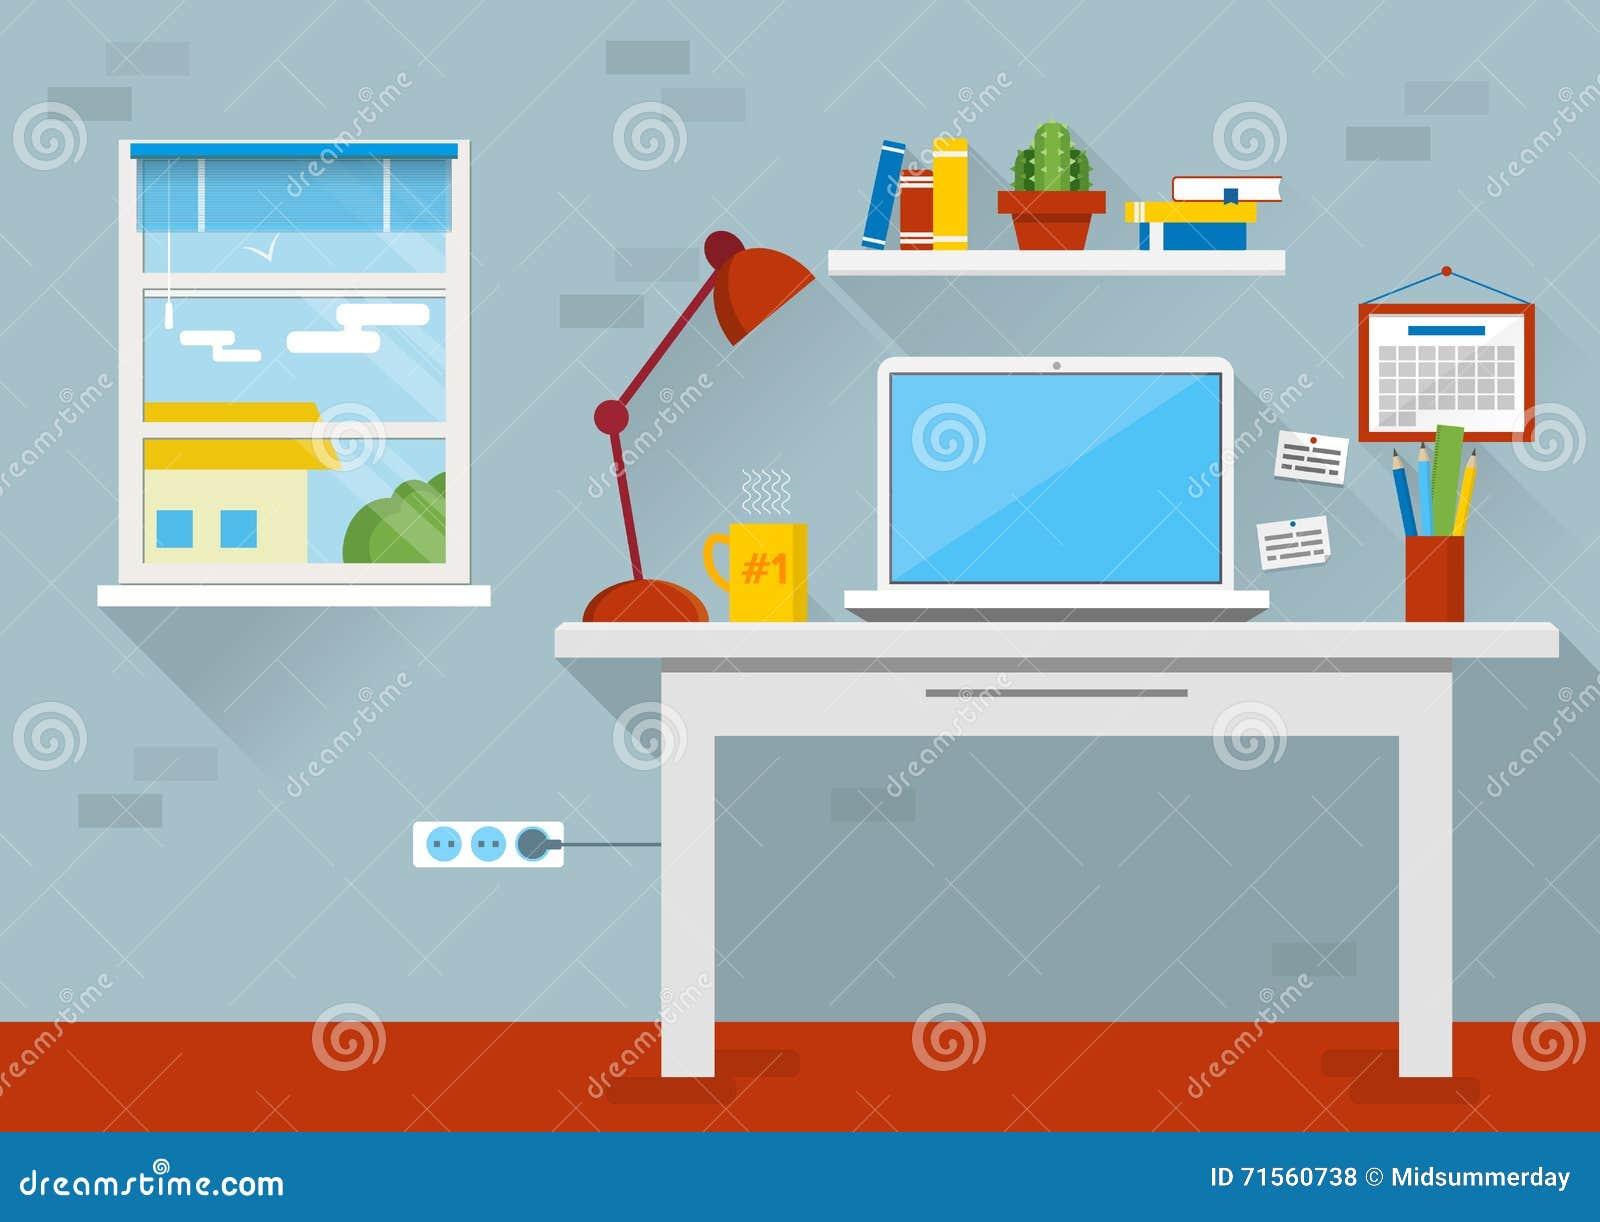 Calendar Flat Illustration : Flat design vector illustration of modern office interior